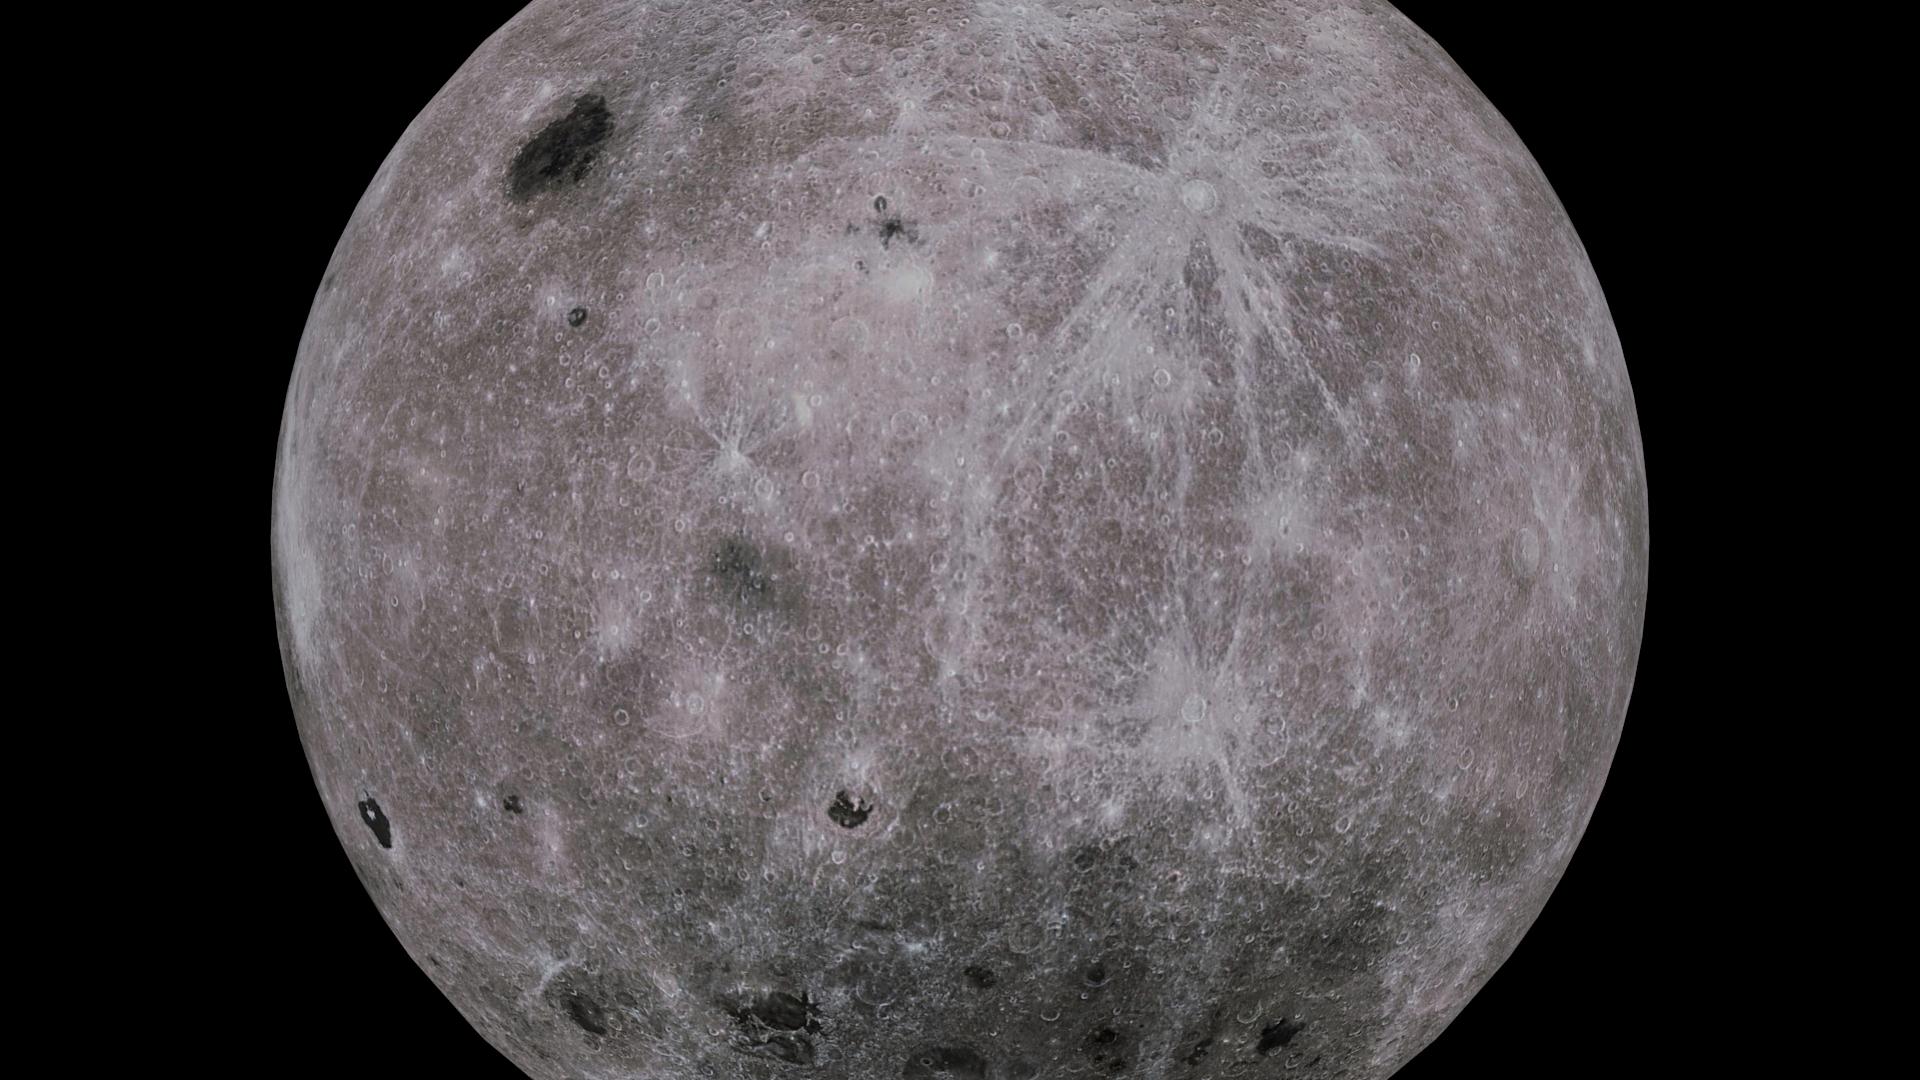 moon 4k 3d model 3ds fbx blend dae obj 210481